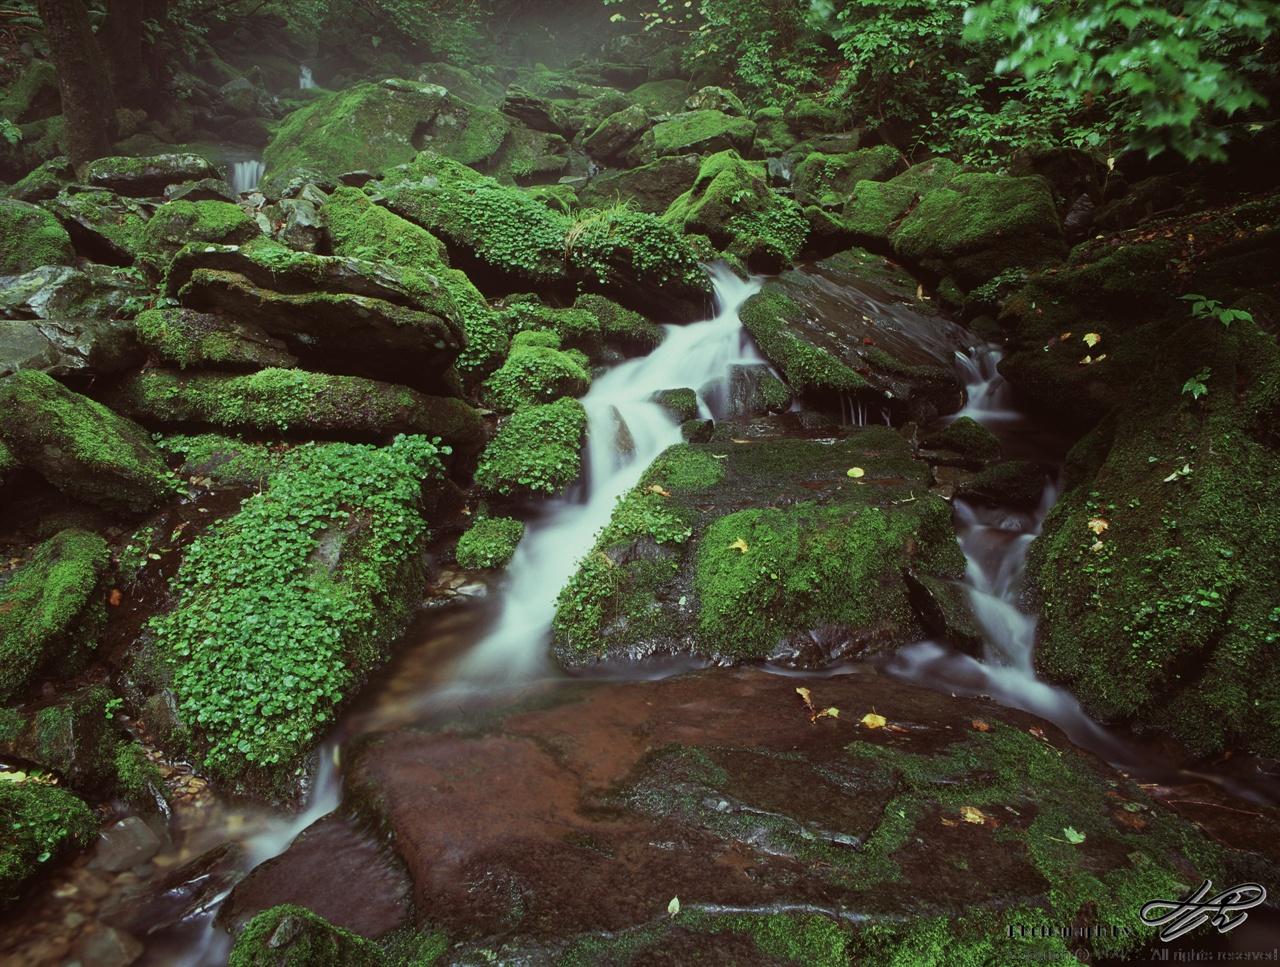 이끼와 계곡(1) (67ii/Velvia100)평창 장전계곡의 상류로 가면 이같은 이끼계곡을 만날 수 있다. 3대 이끼계곡 중 하나라고 한다.